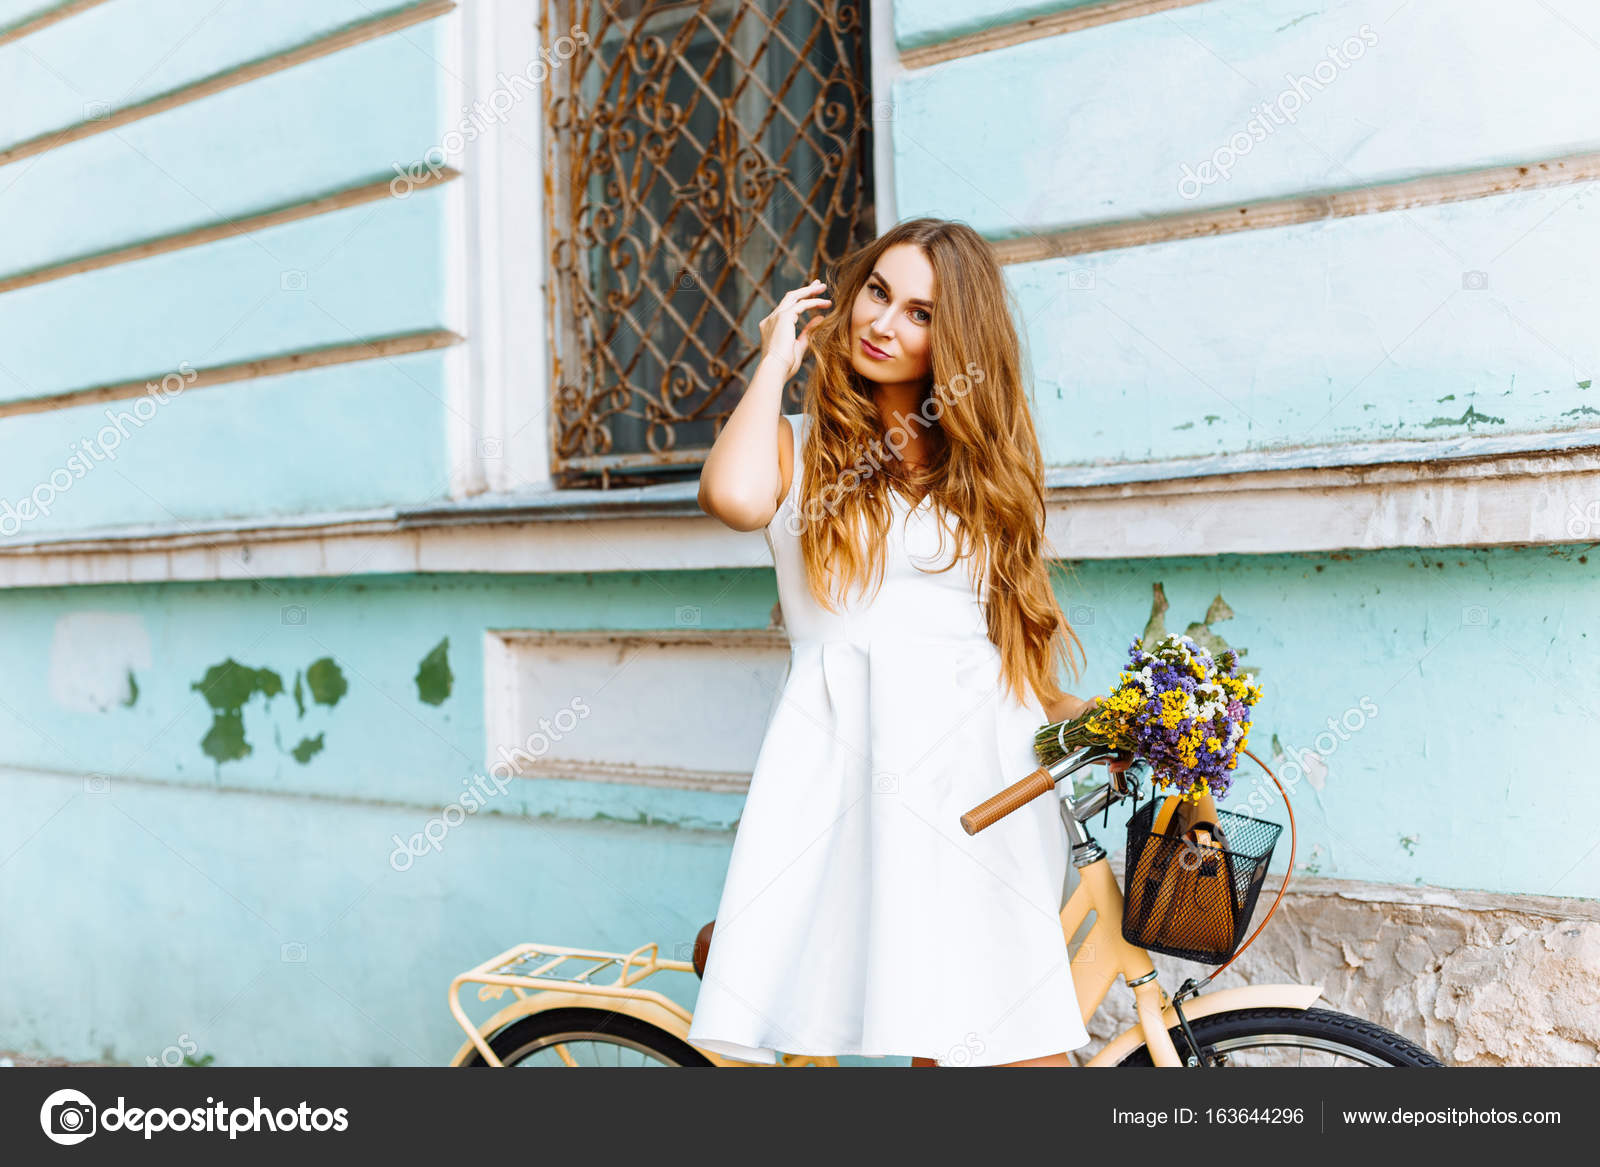 finest selection 8ff9f f60d6 Ragazza in vestito bianco con biciclette e fiori vicino alla ...